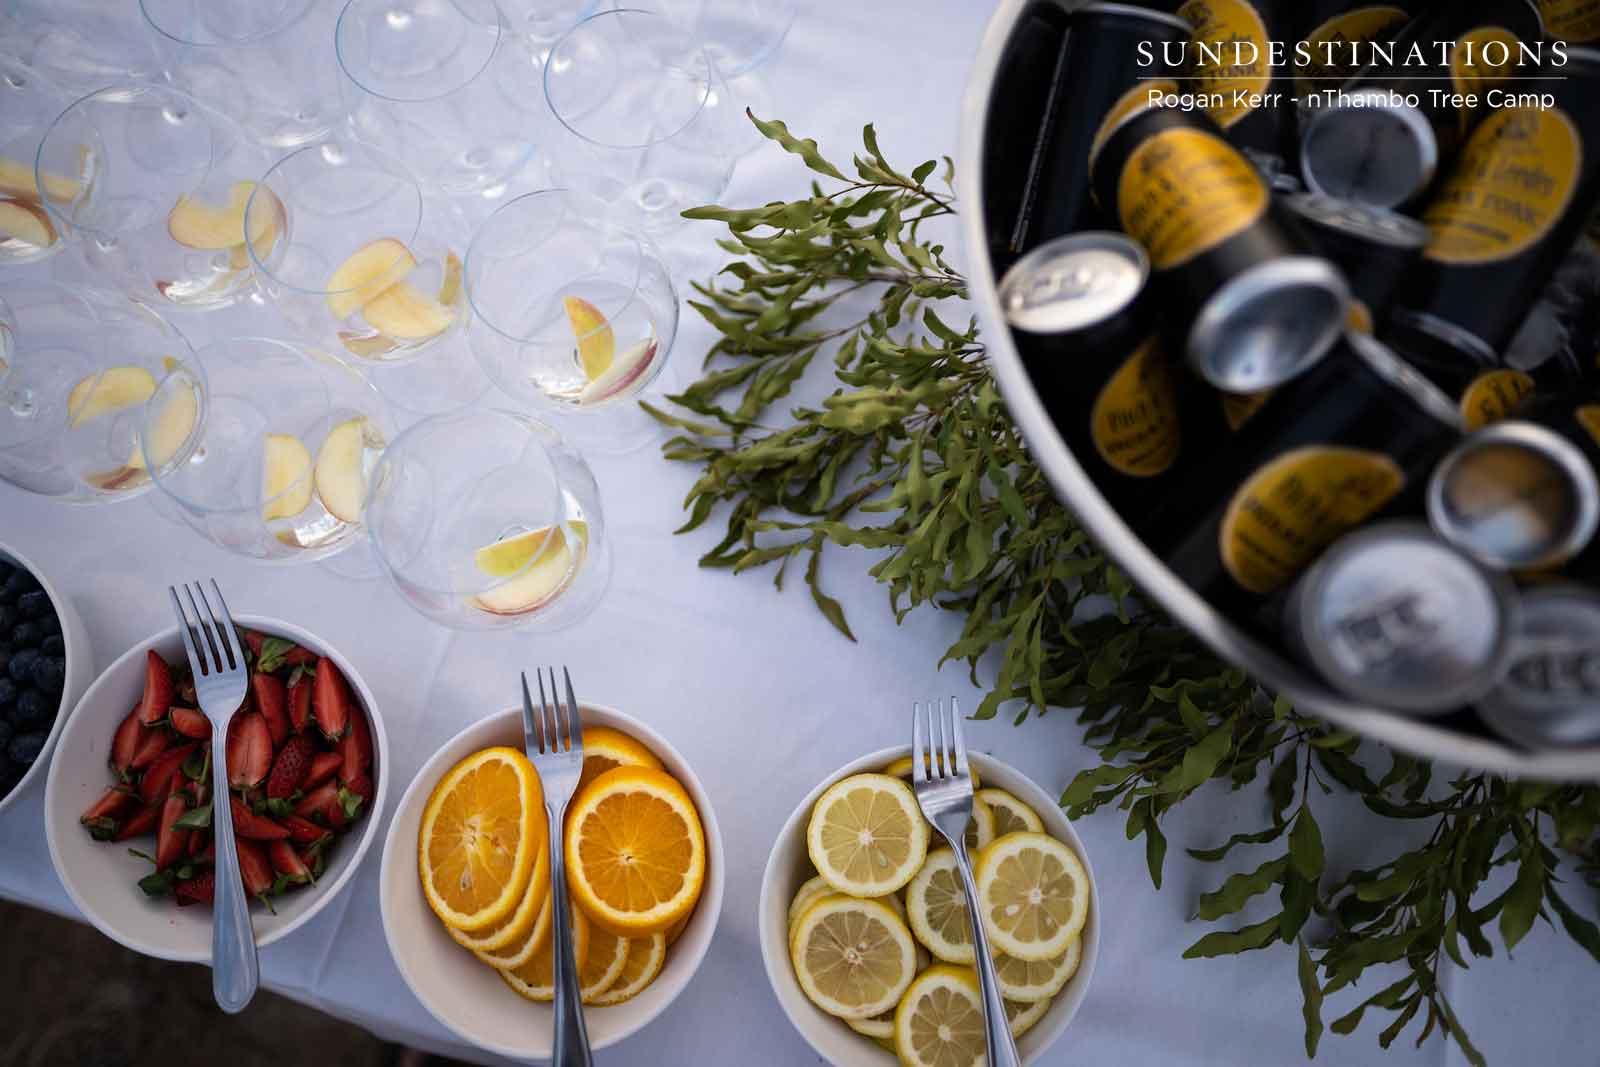 nThambo Gin and Tonics